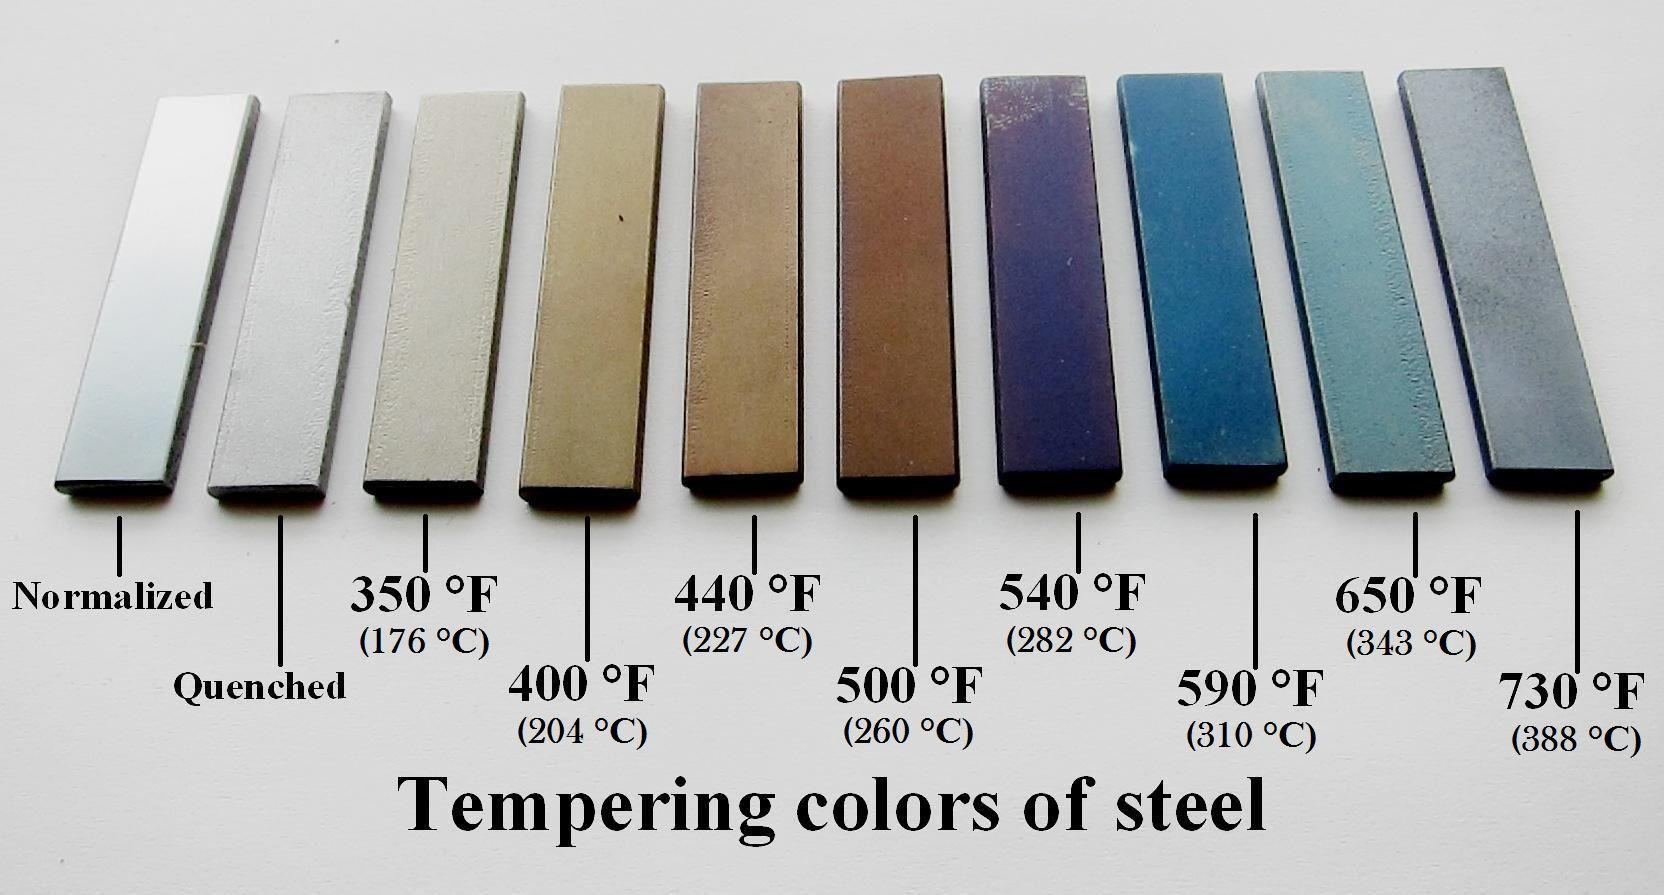 farklı sıcaklıklarda tavlanmış çelikler